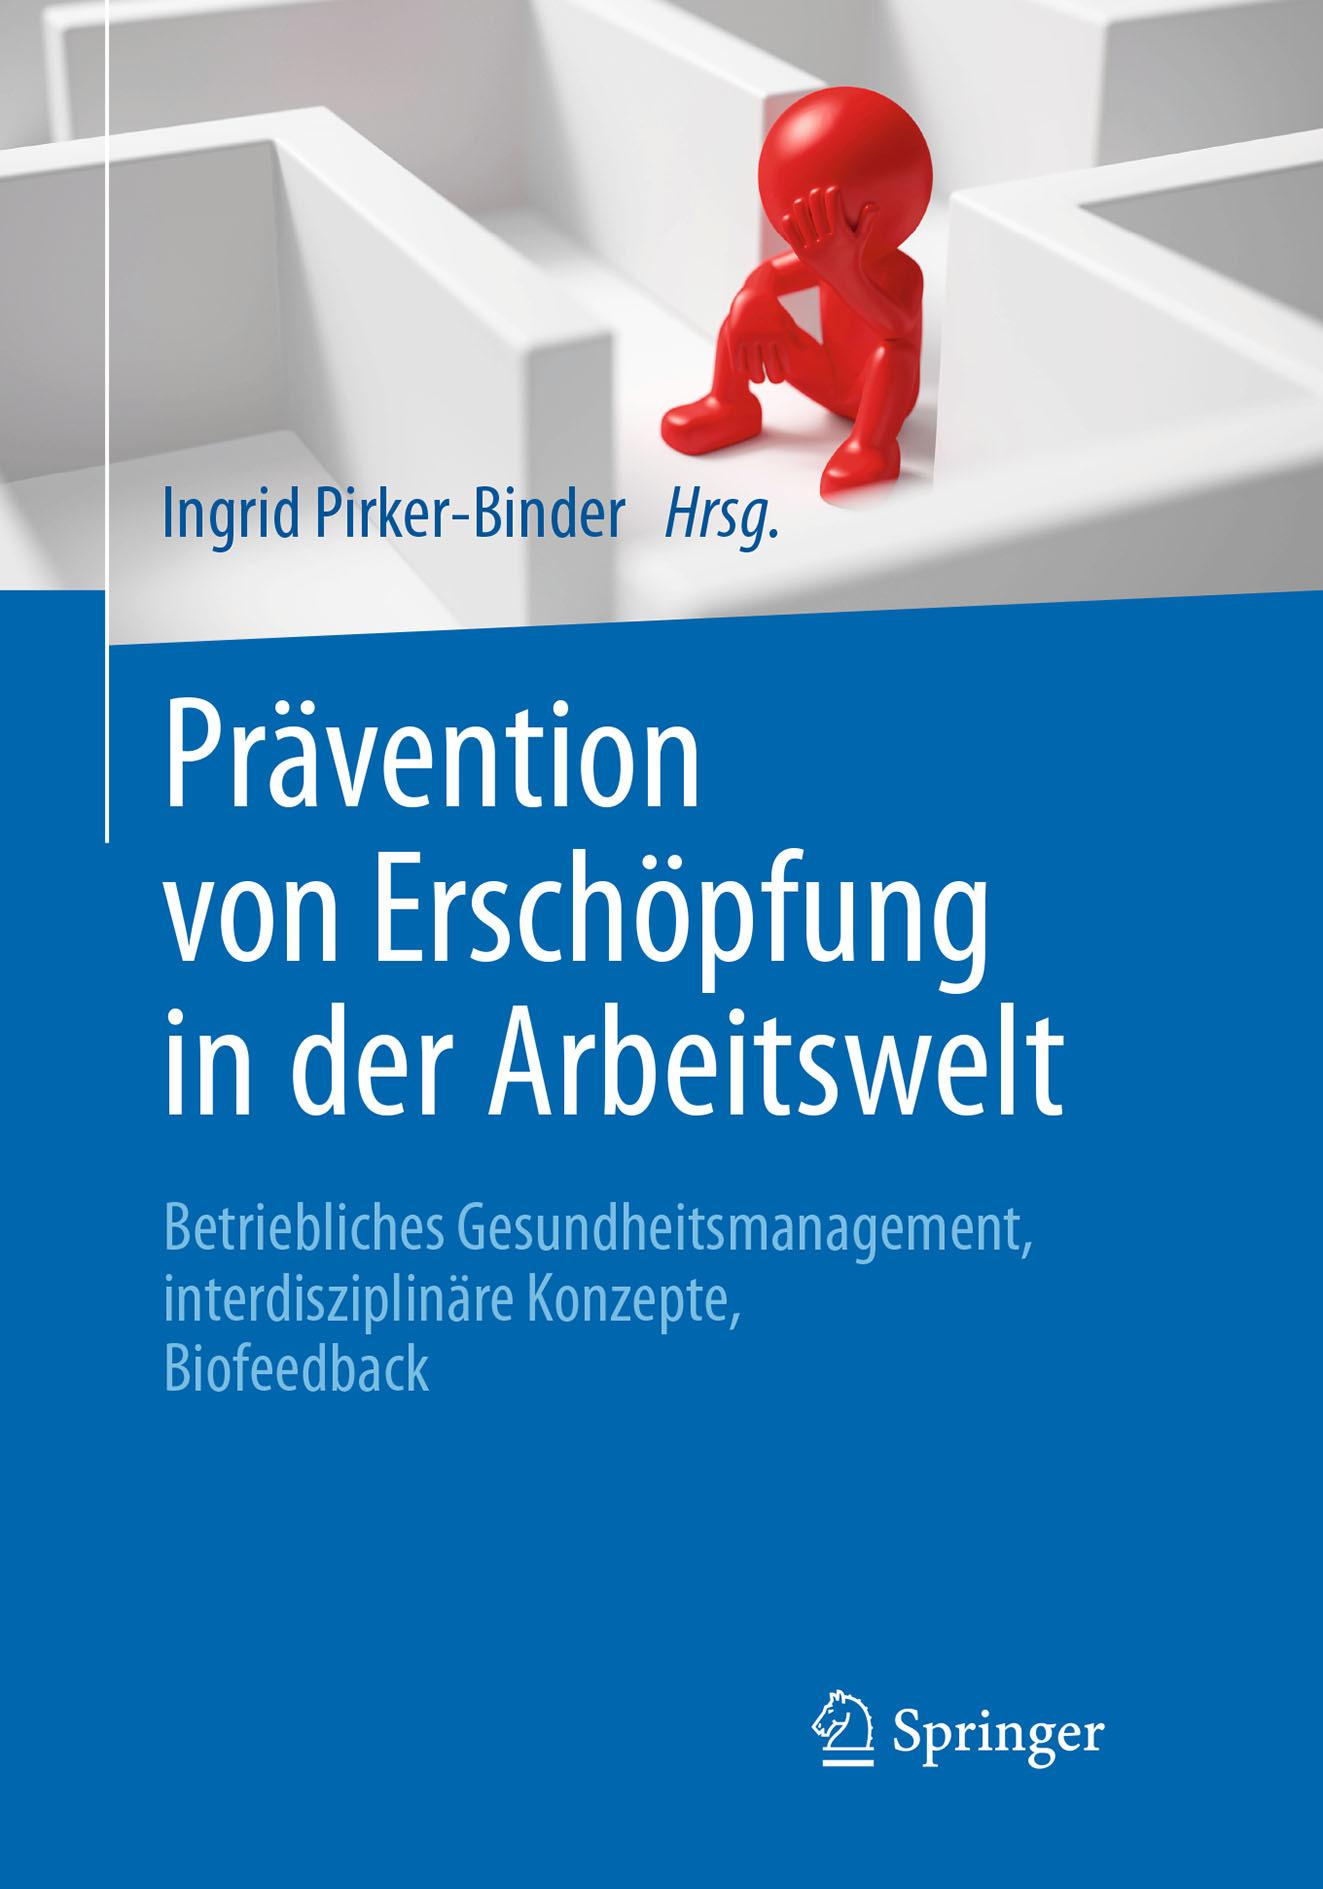 Pirker-Binder, Ingrid - Prävention von Erschöpfung in der Arbeitswelt, ebook